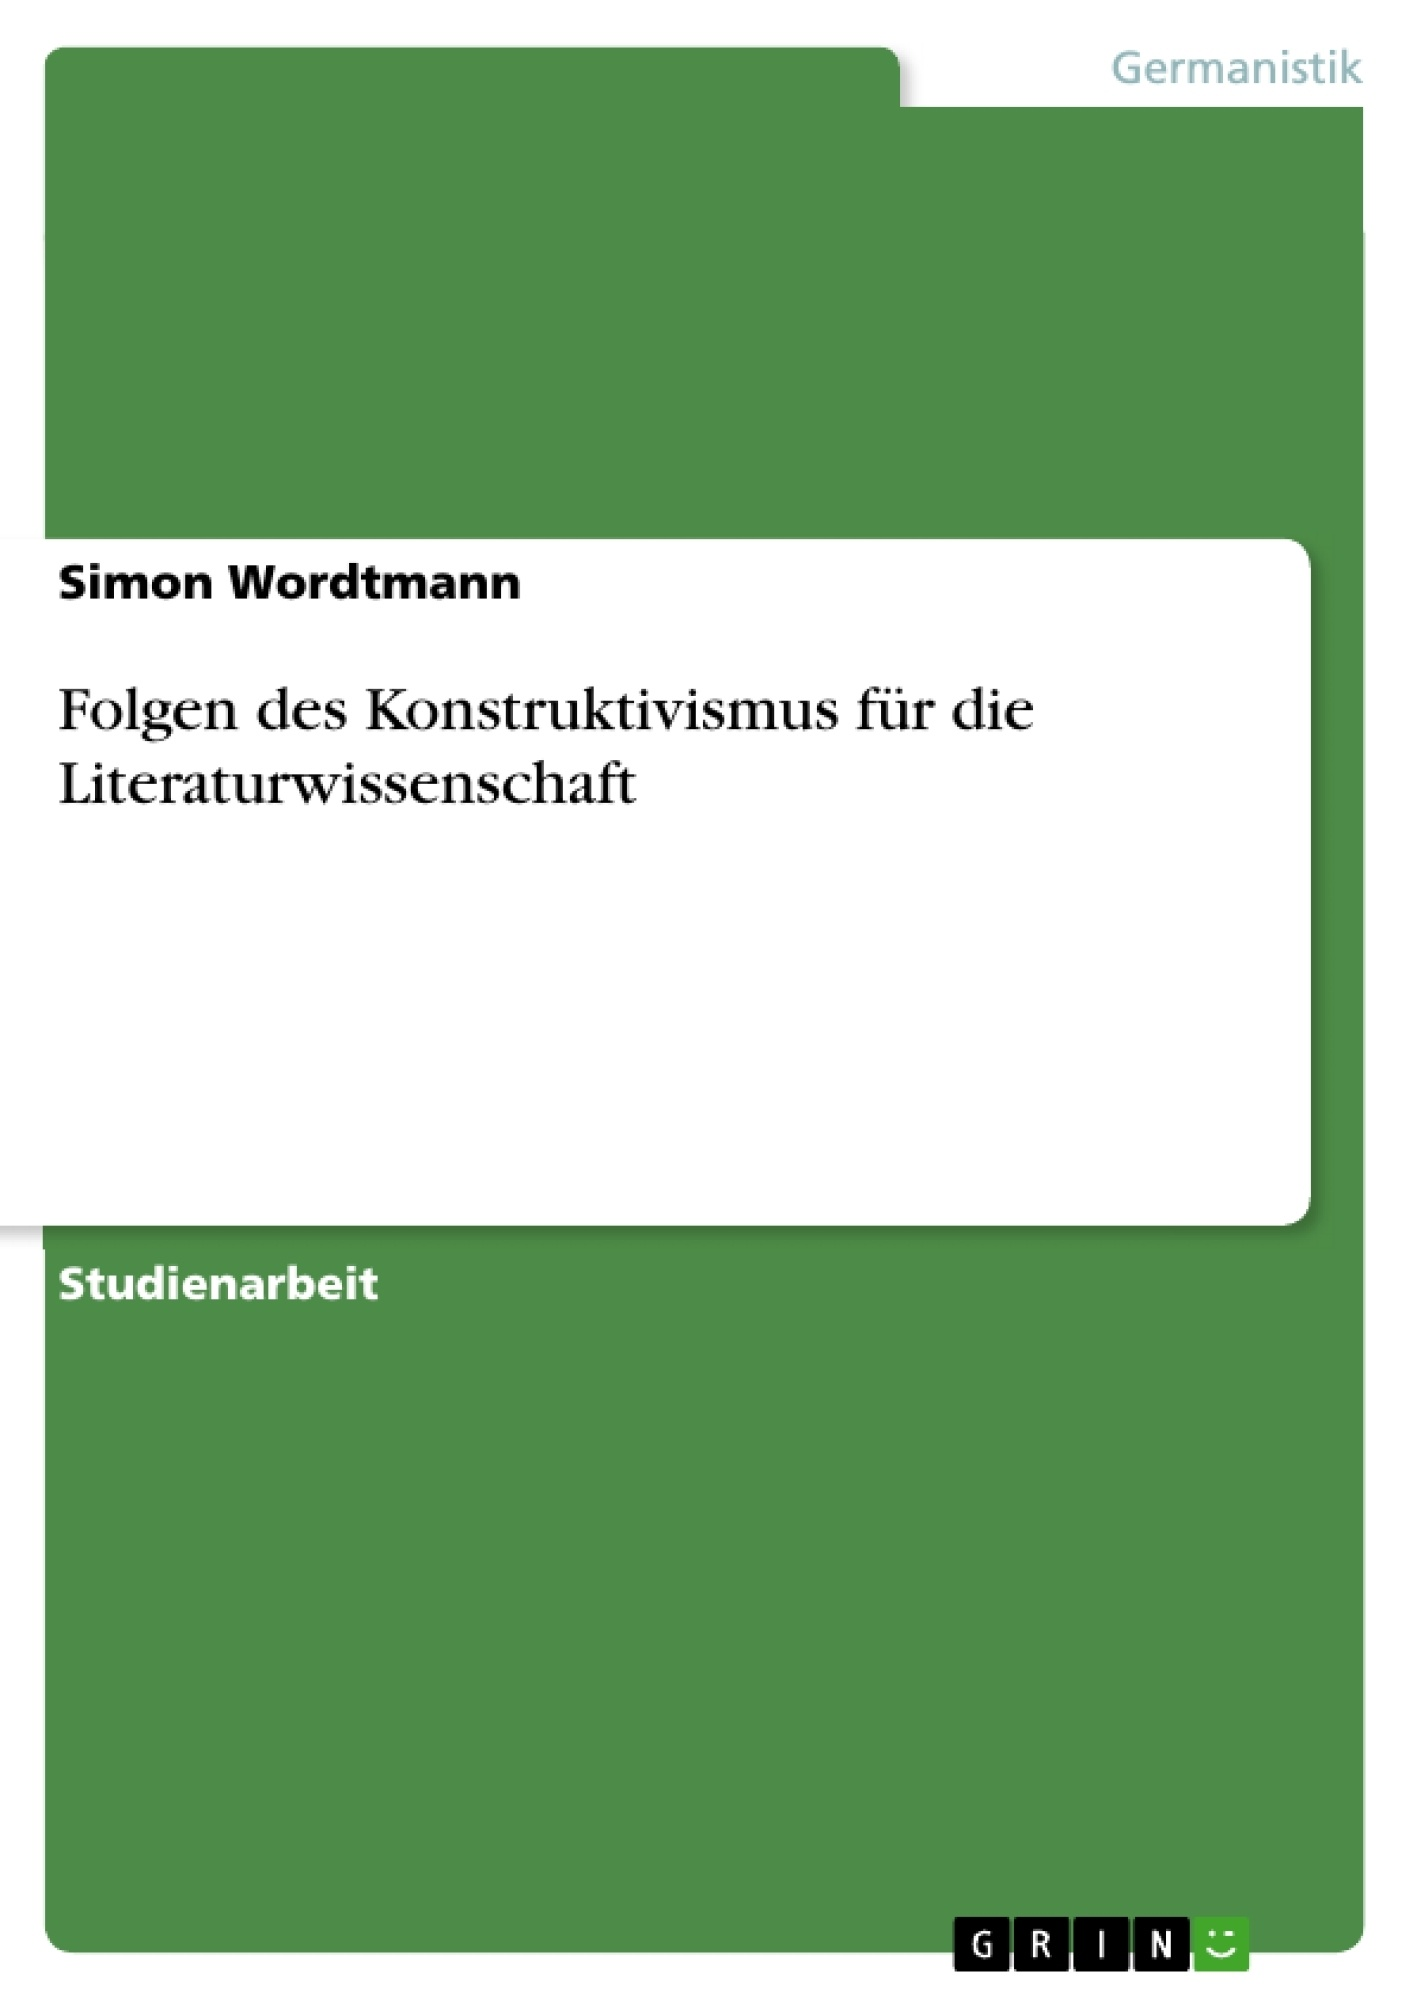 Titel: Folgen des Konstruktivismus für die Literaturwissenschaft